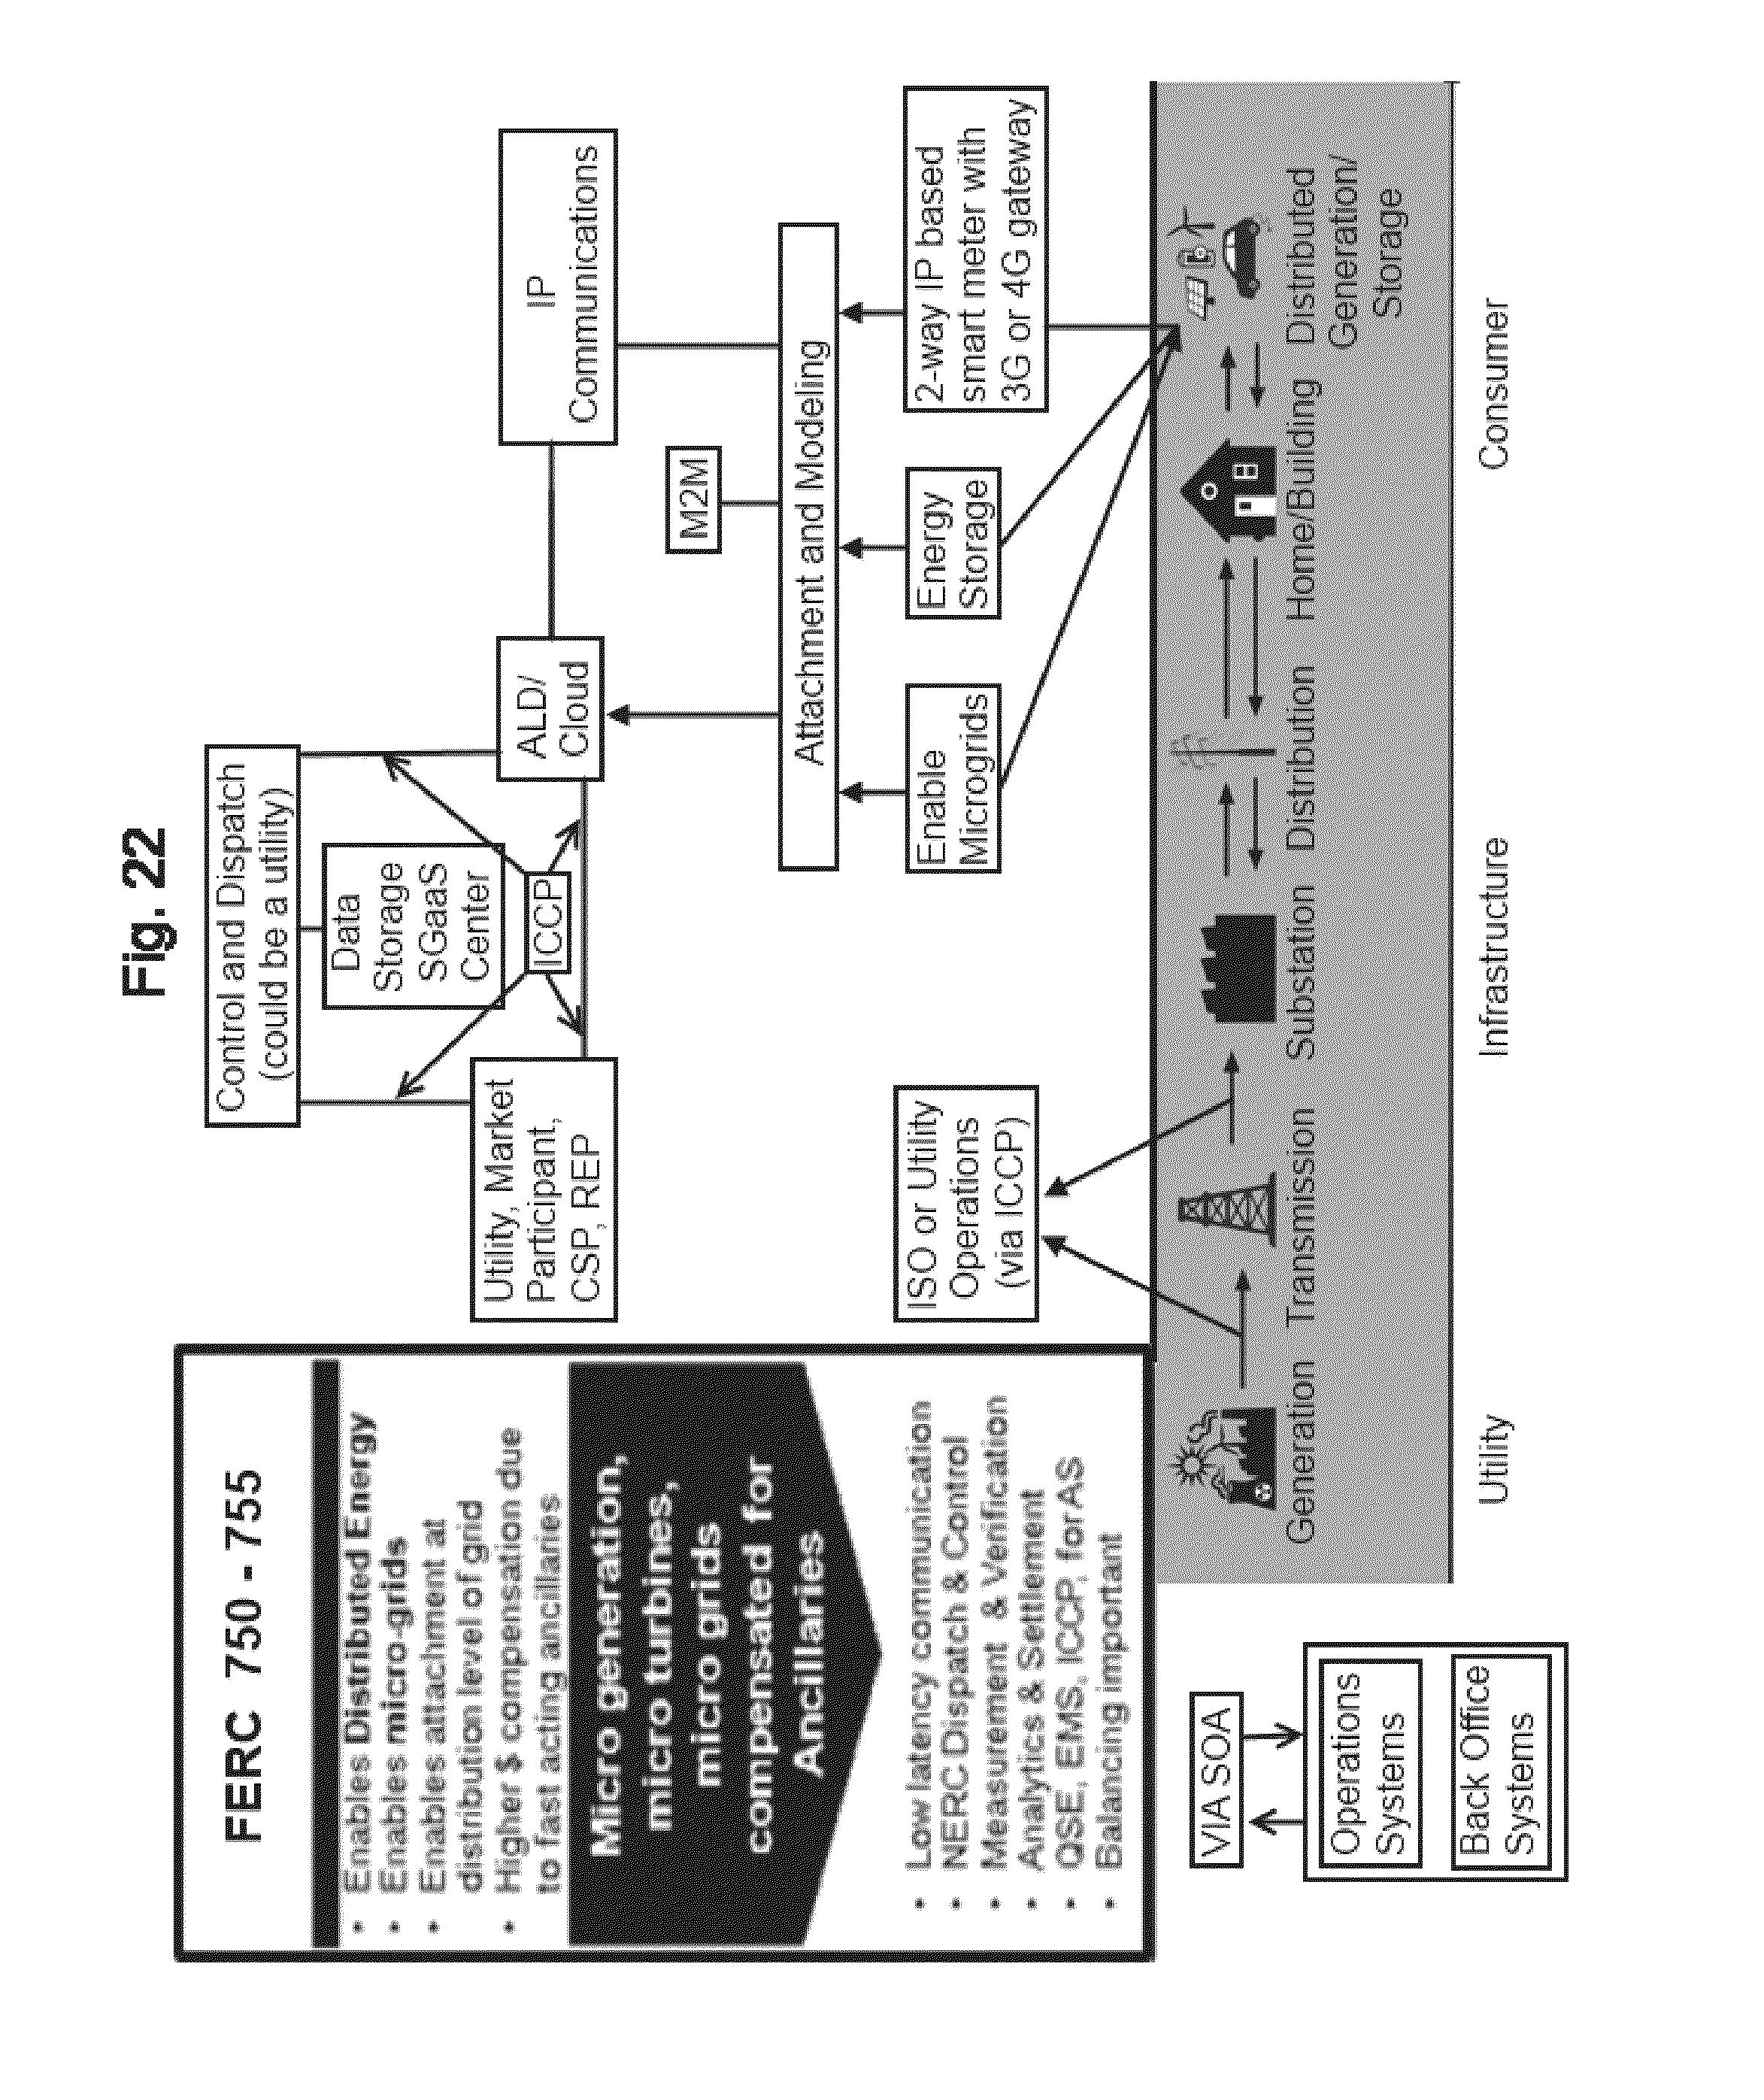 patent us20140039703